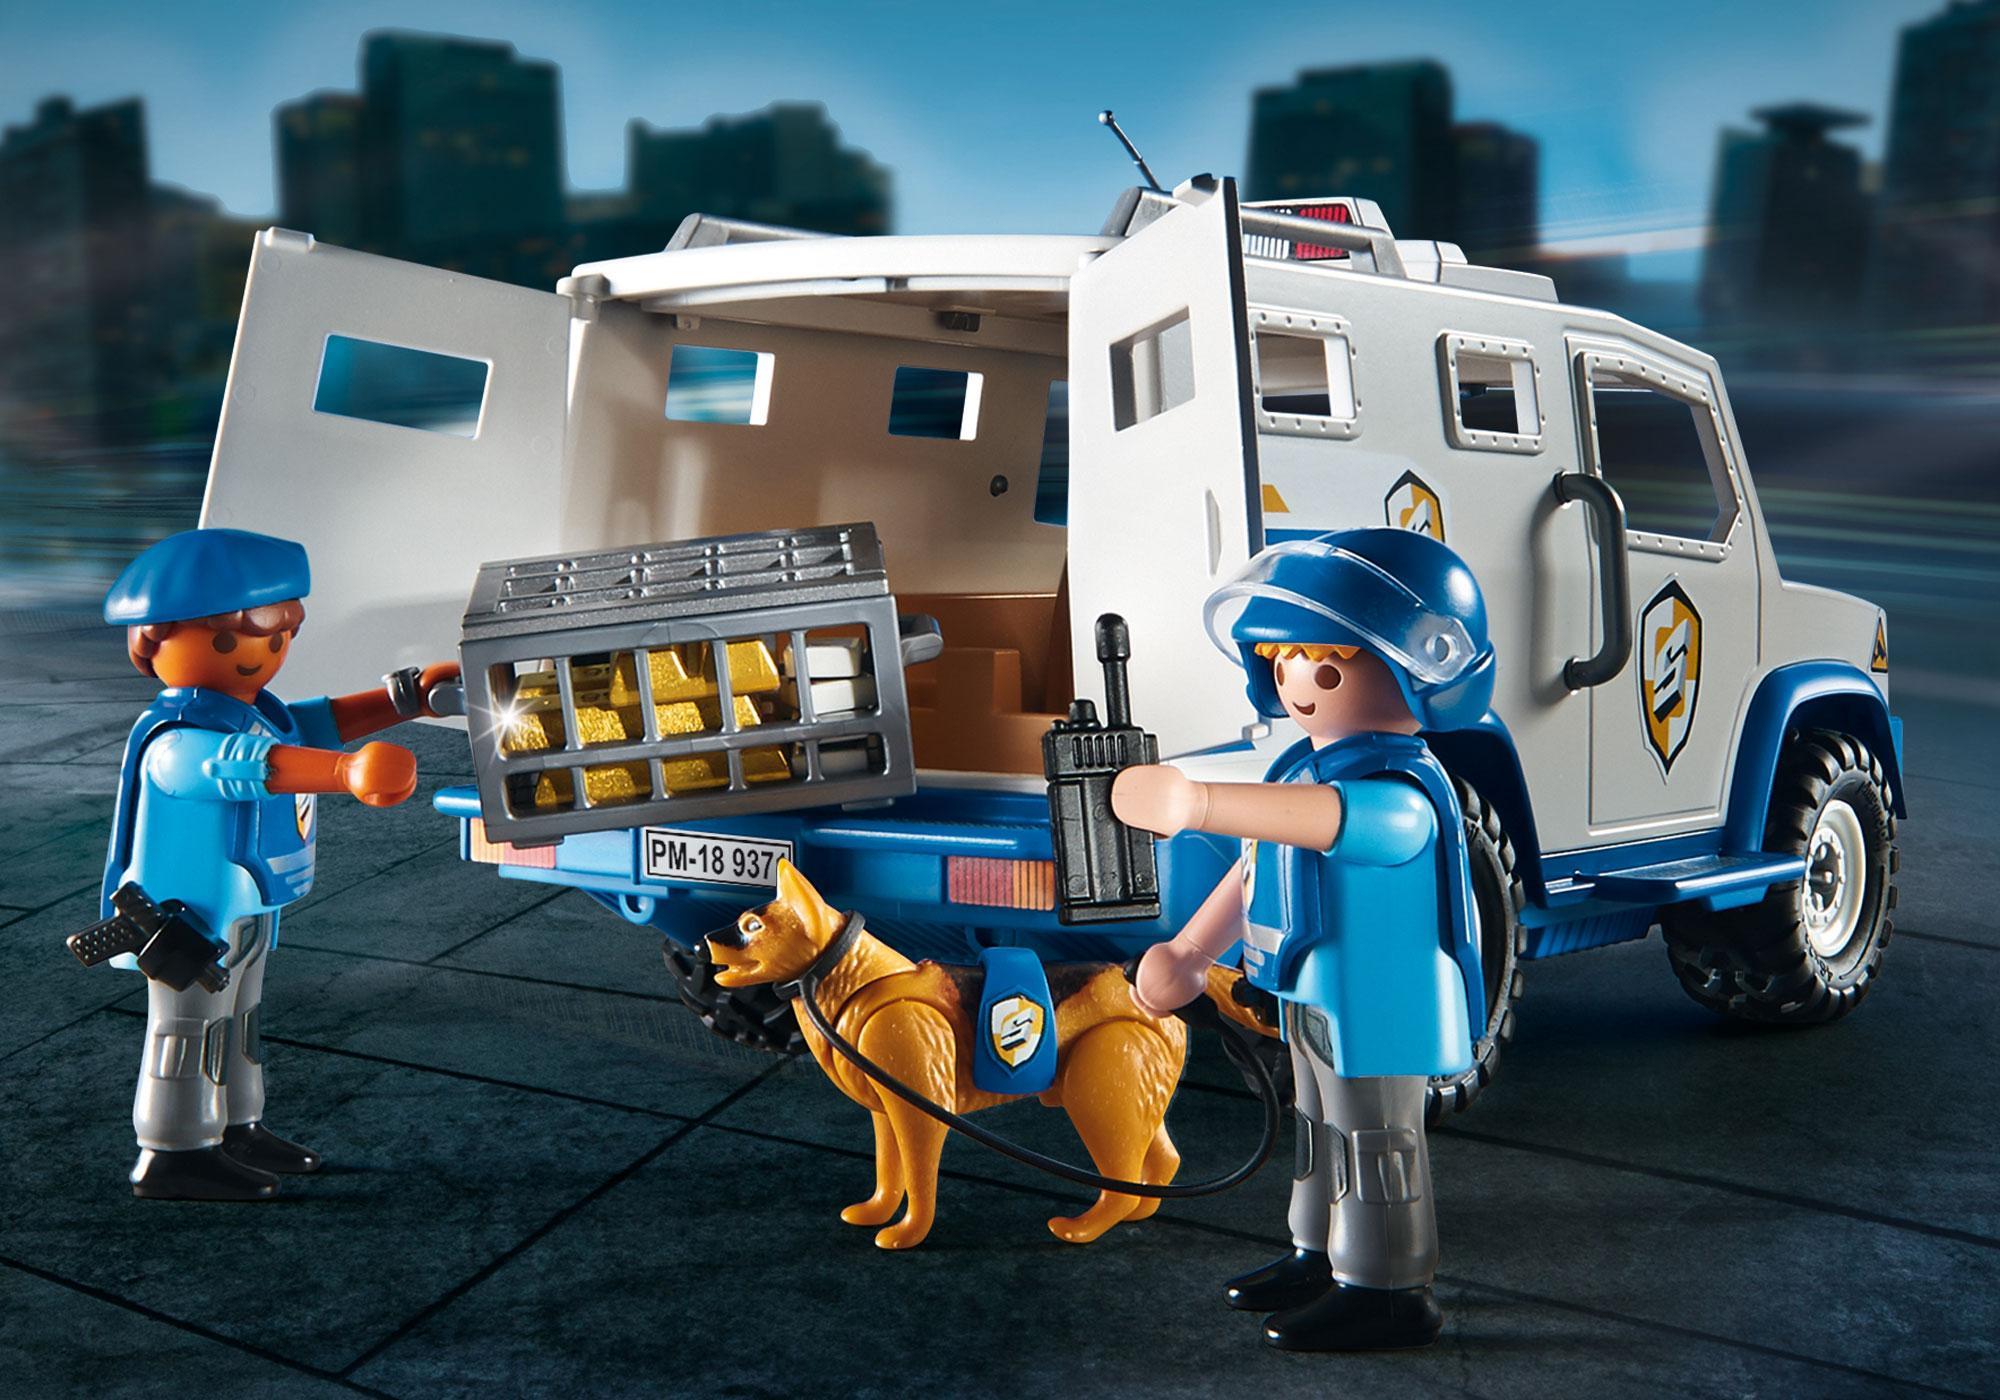 http://media.playmobil.com/i/playmobil/9371_product_extra3/Vehículo Blindado